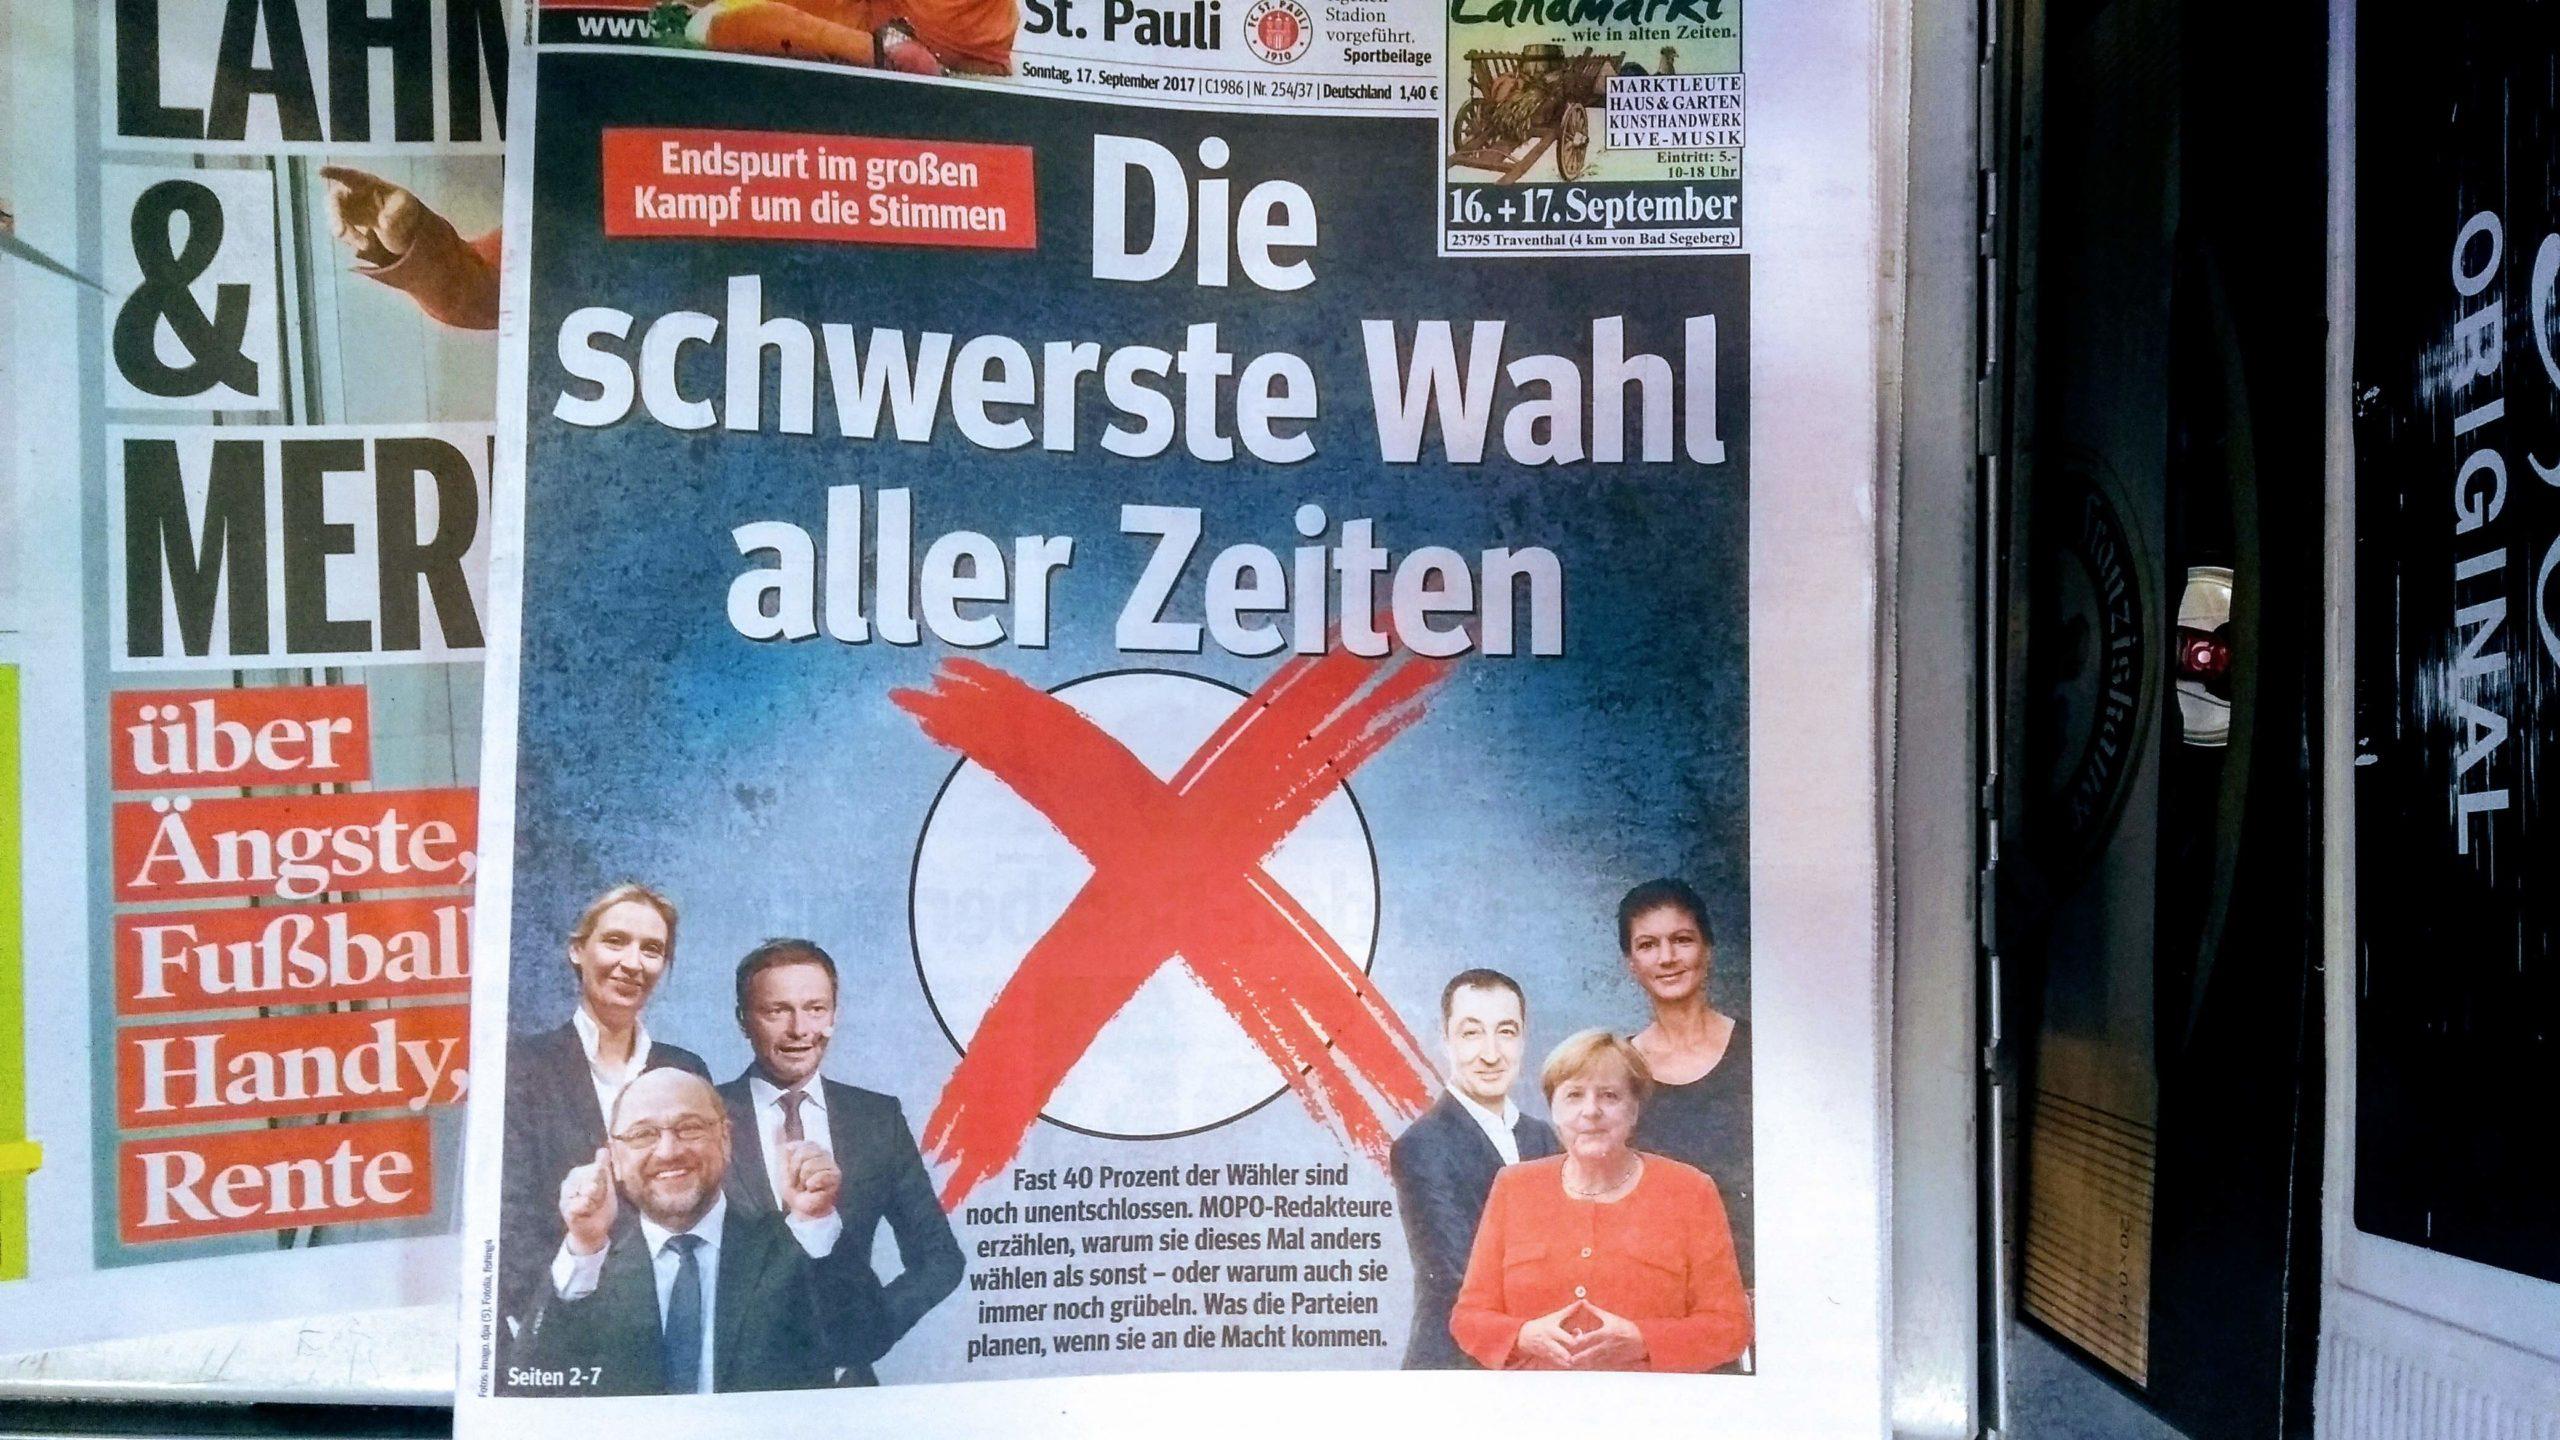 Nichtwähler, Erstwähler, Letztwähler, Rechtswähler, Linkswähler – wen wählen zur Bundestagswahl